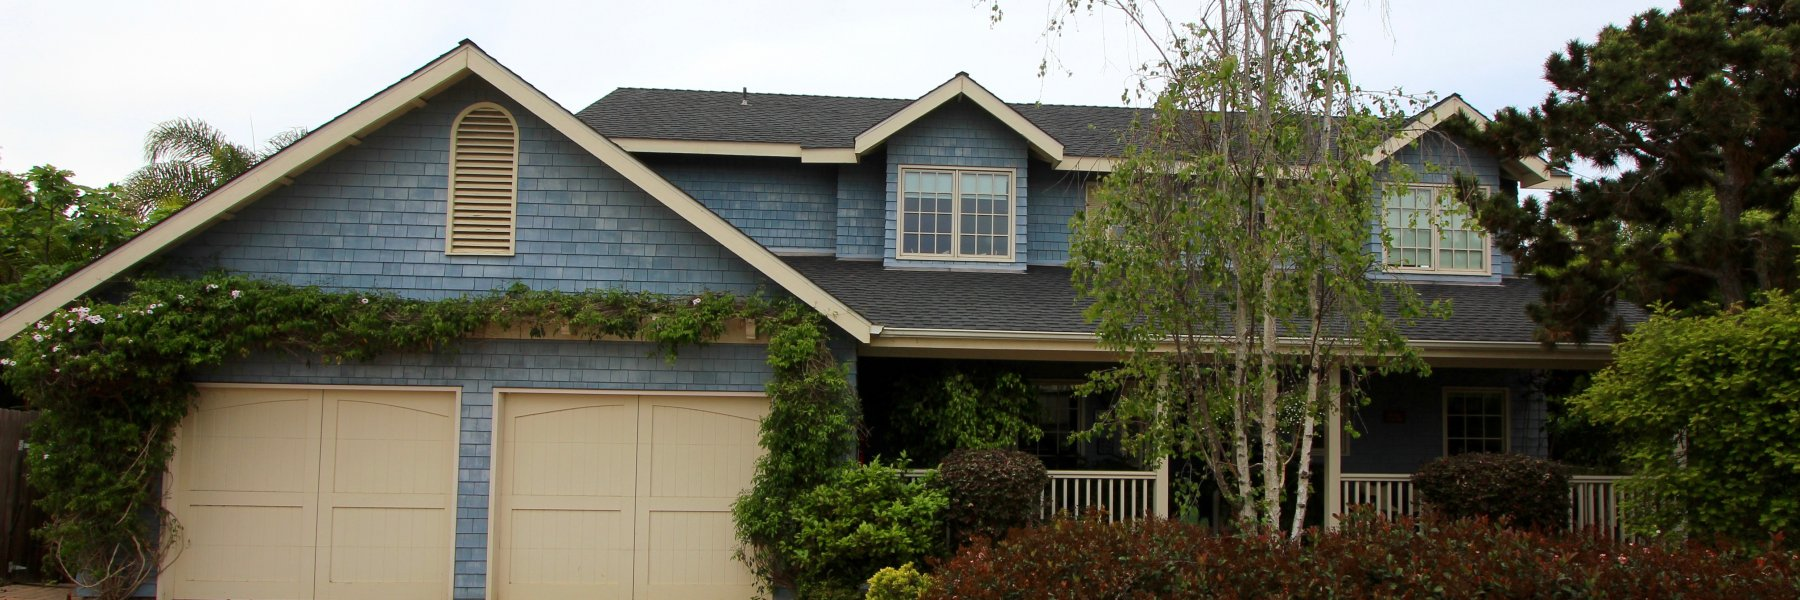 Encinitas Highlands is a community of homes in Encinitas California